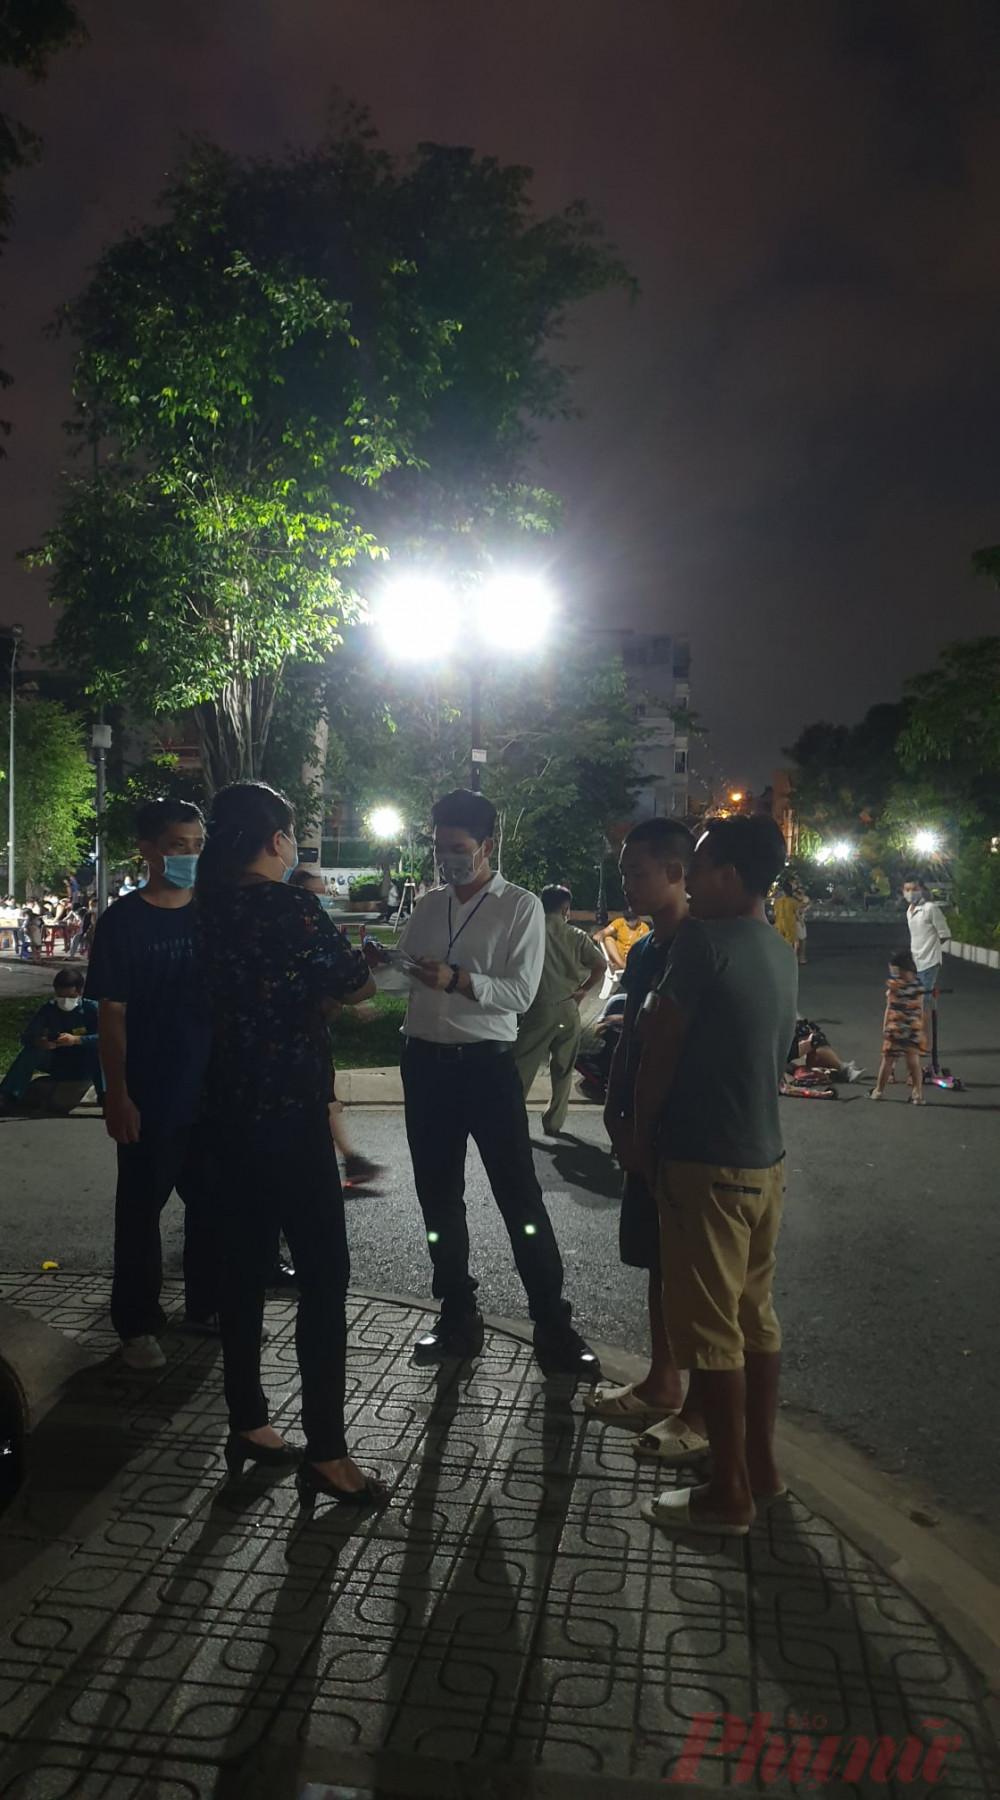 Đoàn công tác liên ngành thuộc UBND phường 8, quận Gò Vấp đang nhắc nhở người dân không đeo khẩu trang - Ảnh: Nguyễn Thuận